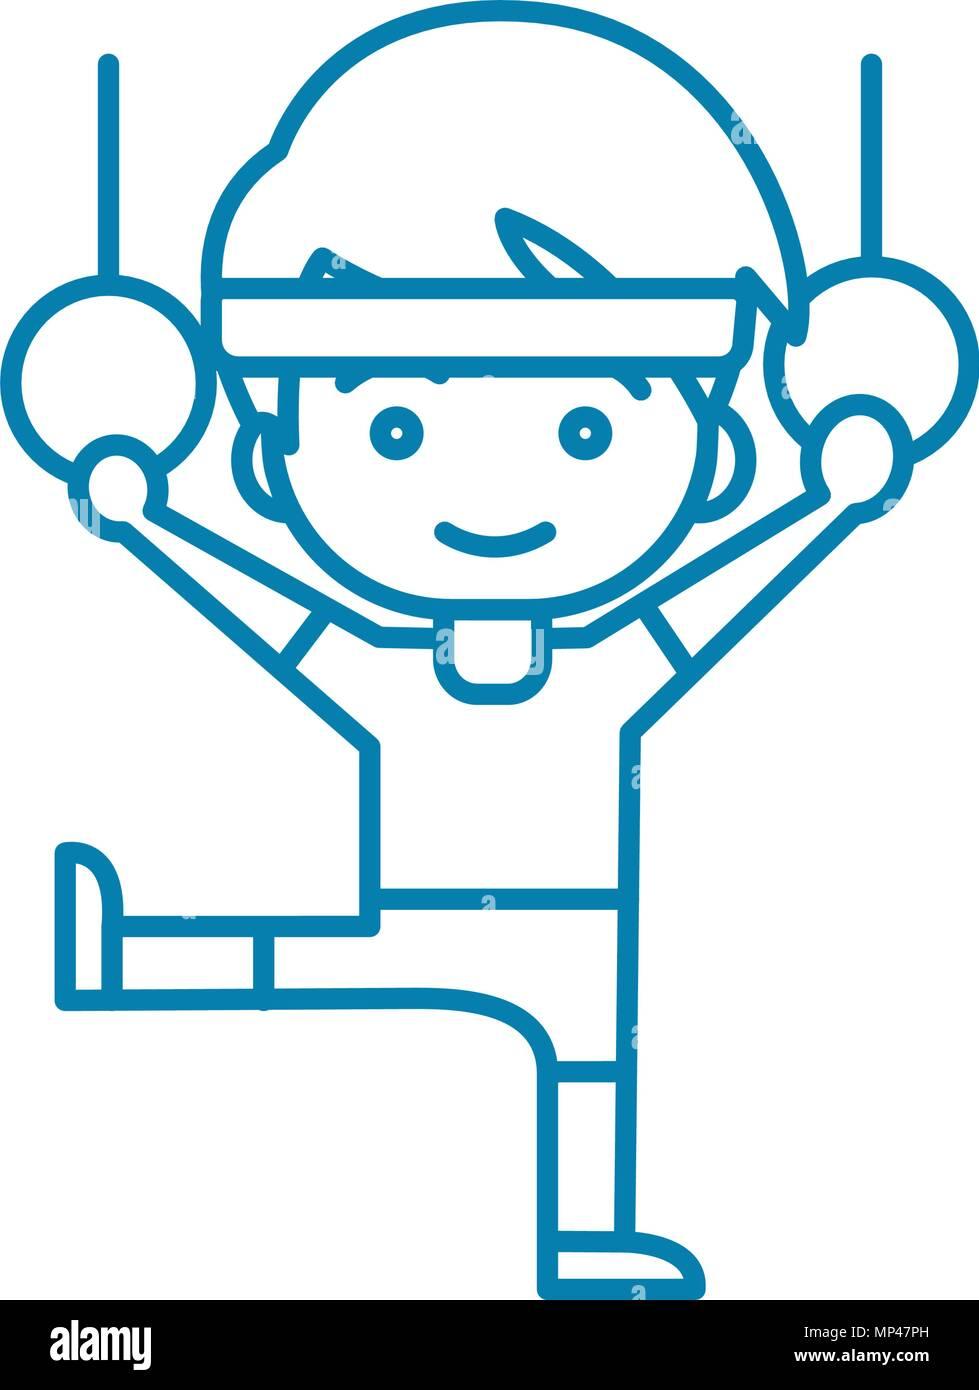 Rhythmic Gymnastic Linear Icon Concept Rhythmic Gymnastic Line